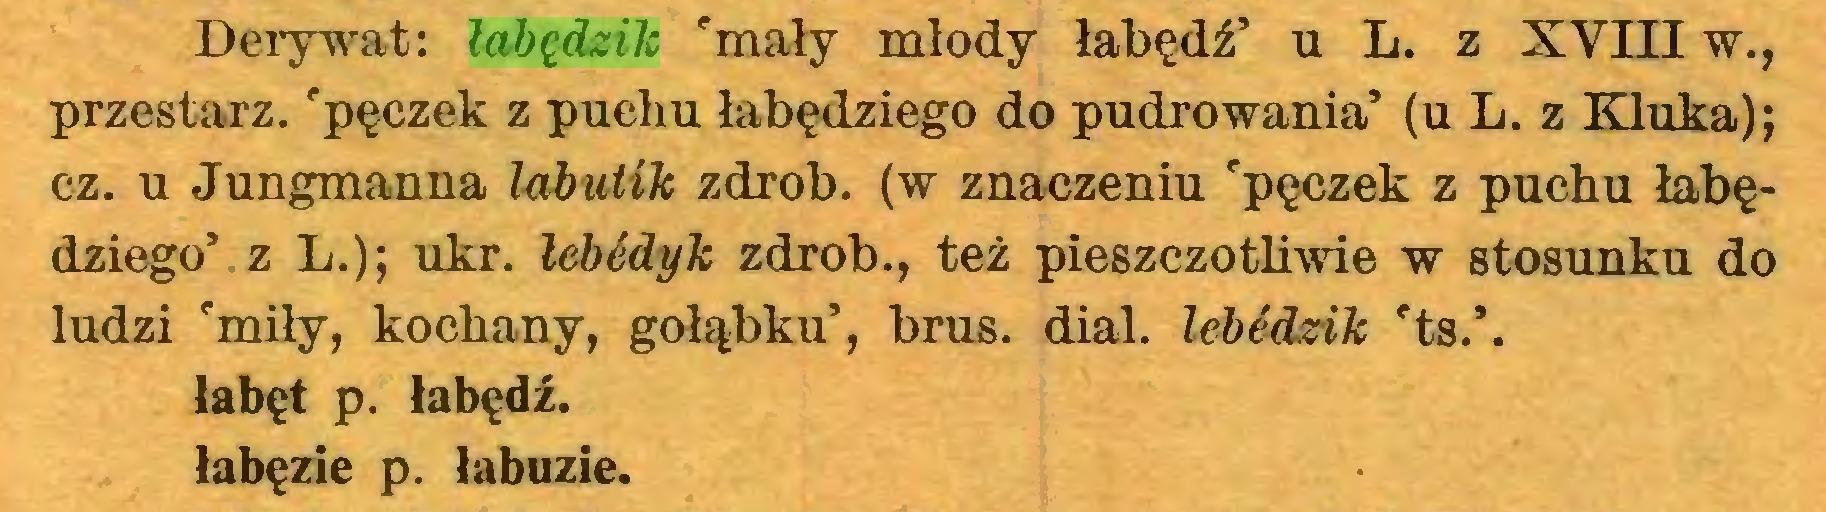 (...) Derywat: łabędzik 'mały młody łabędź' u L. z XVIII w., przestarz. 'pęczek z puchu łabędziego do pudrowania' (u L. z Kluka); cz. u Jungmanna labutik zdrob. (w znaczeniu 'pęczek z puchu łabędziego' z L.); ukr. lebédyk zdrob., też pieszczotliwie w stosunku do ludzi 'miły, kochany, gołąbku', brus. dial, lebédzik 'ts.\ labęt p. łabędź, łabęzie p. labuzie...